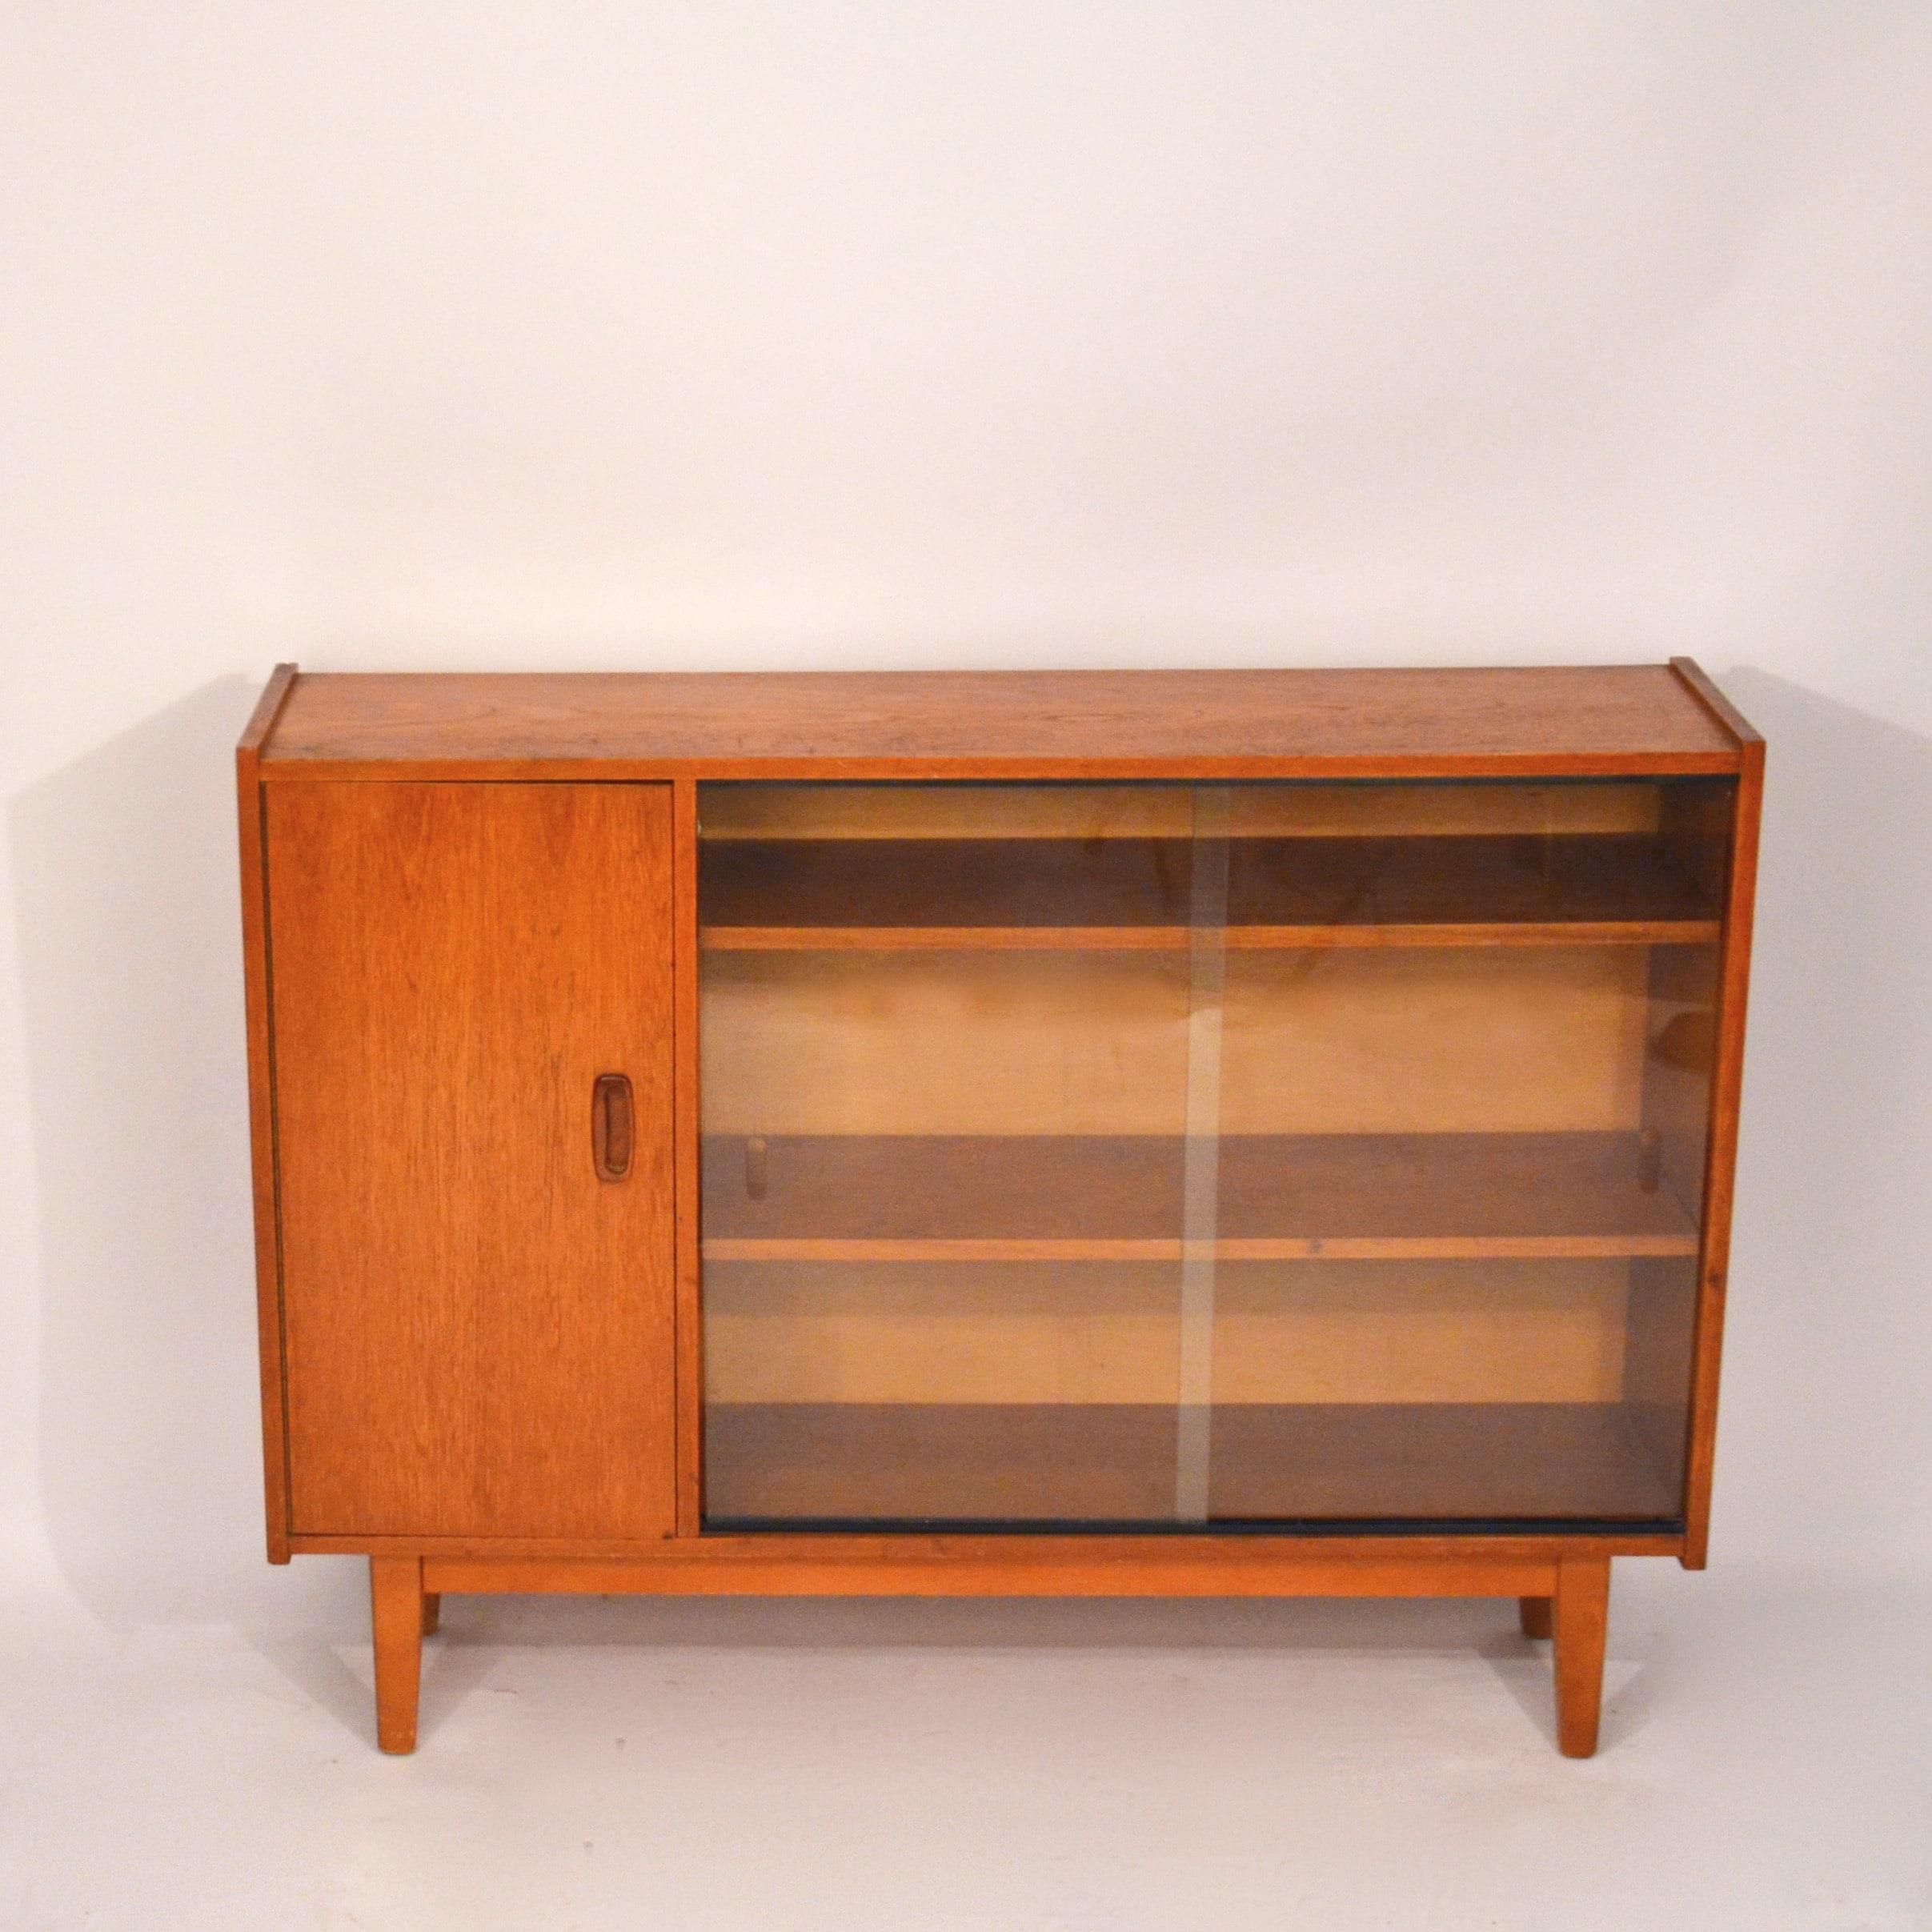 petite biblioth que vitrine en teck bindiesbindies. Black Bedroom Furniture Sets. Home Design Ideas